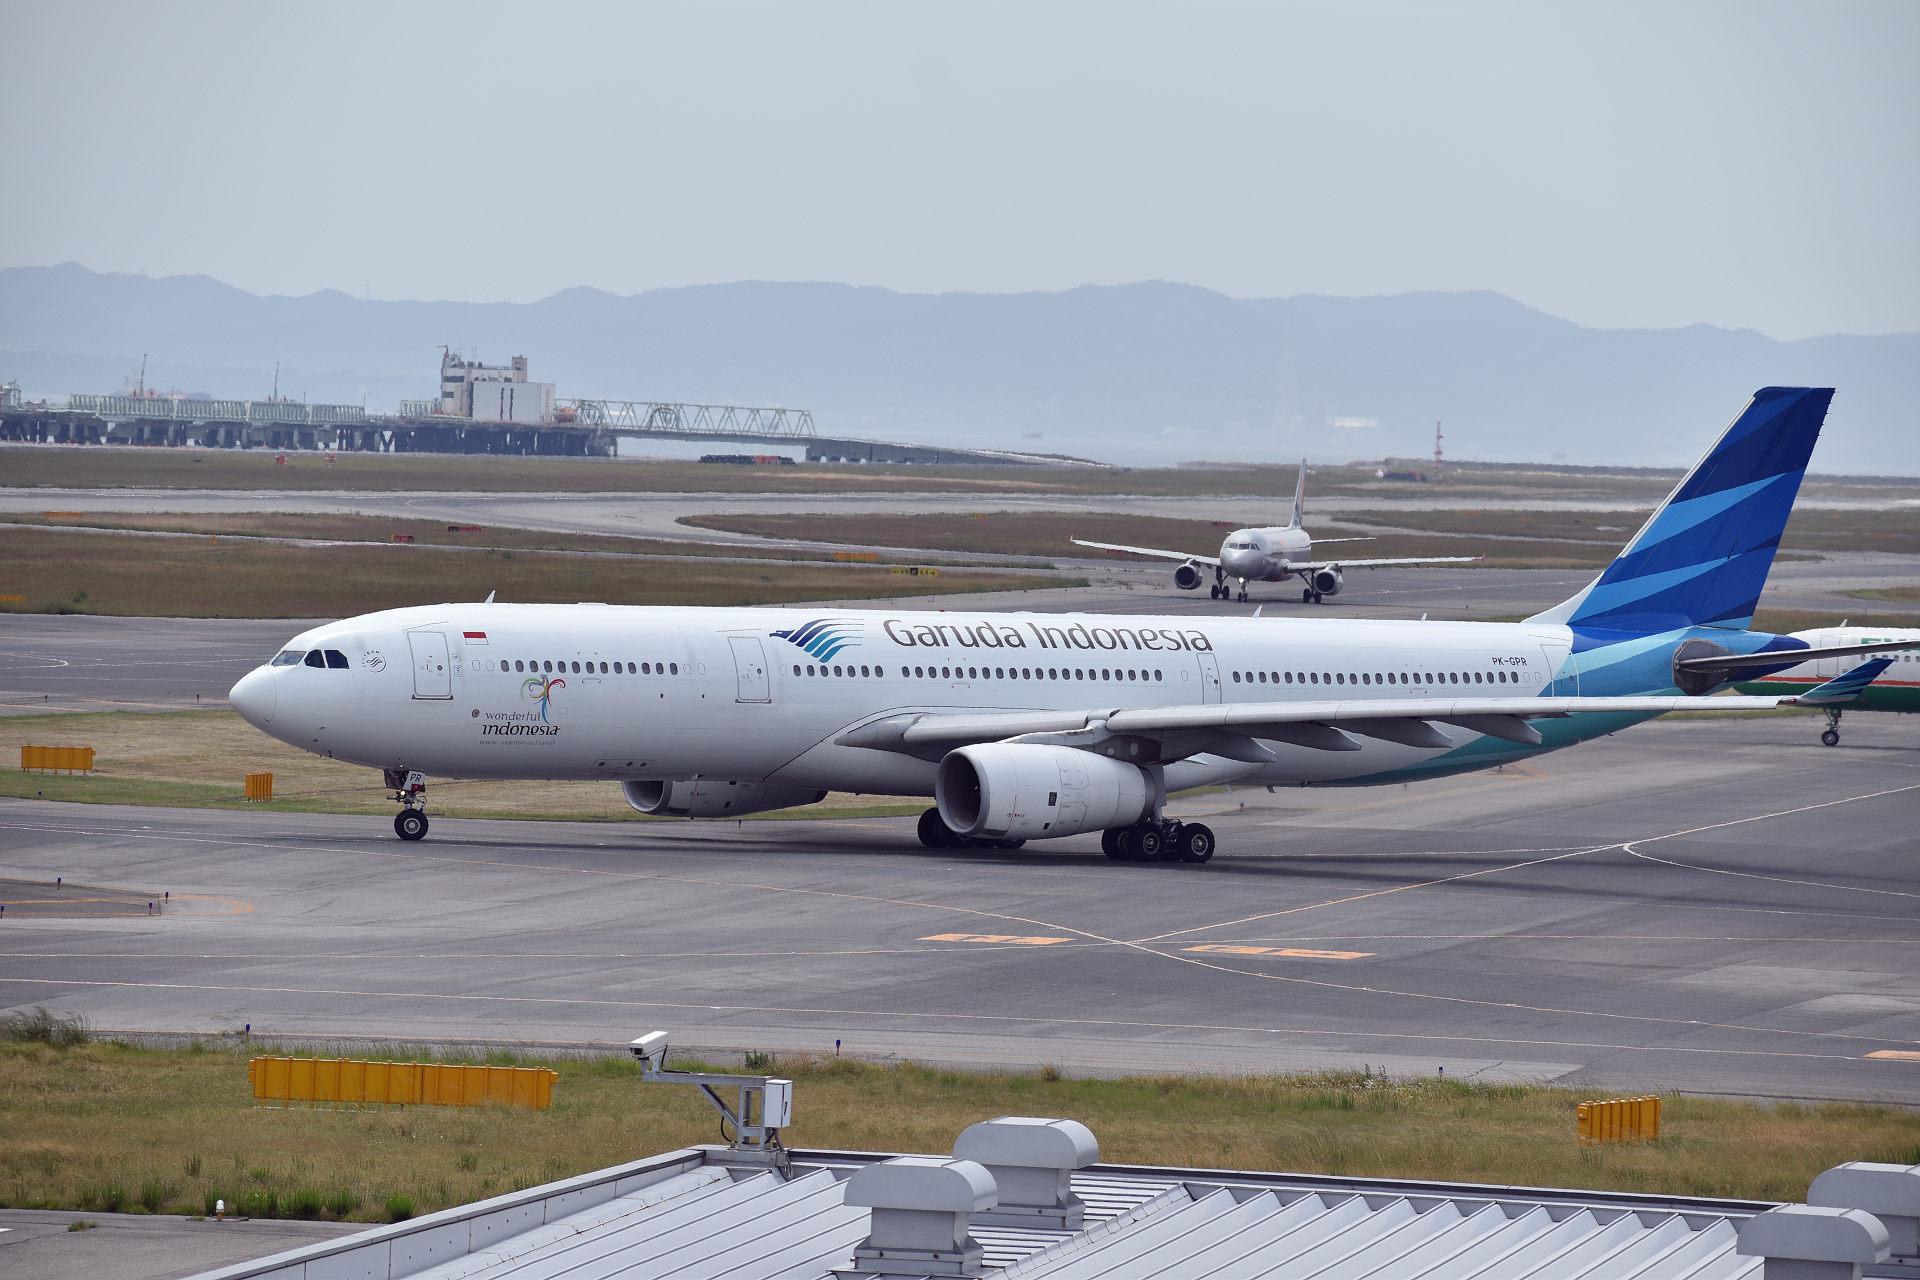 ガルーダ・インドネシア航空 PK-GPR